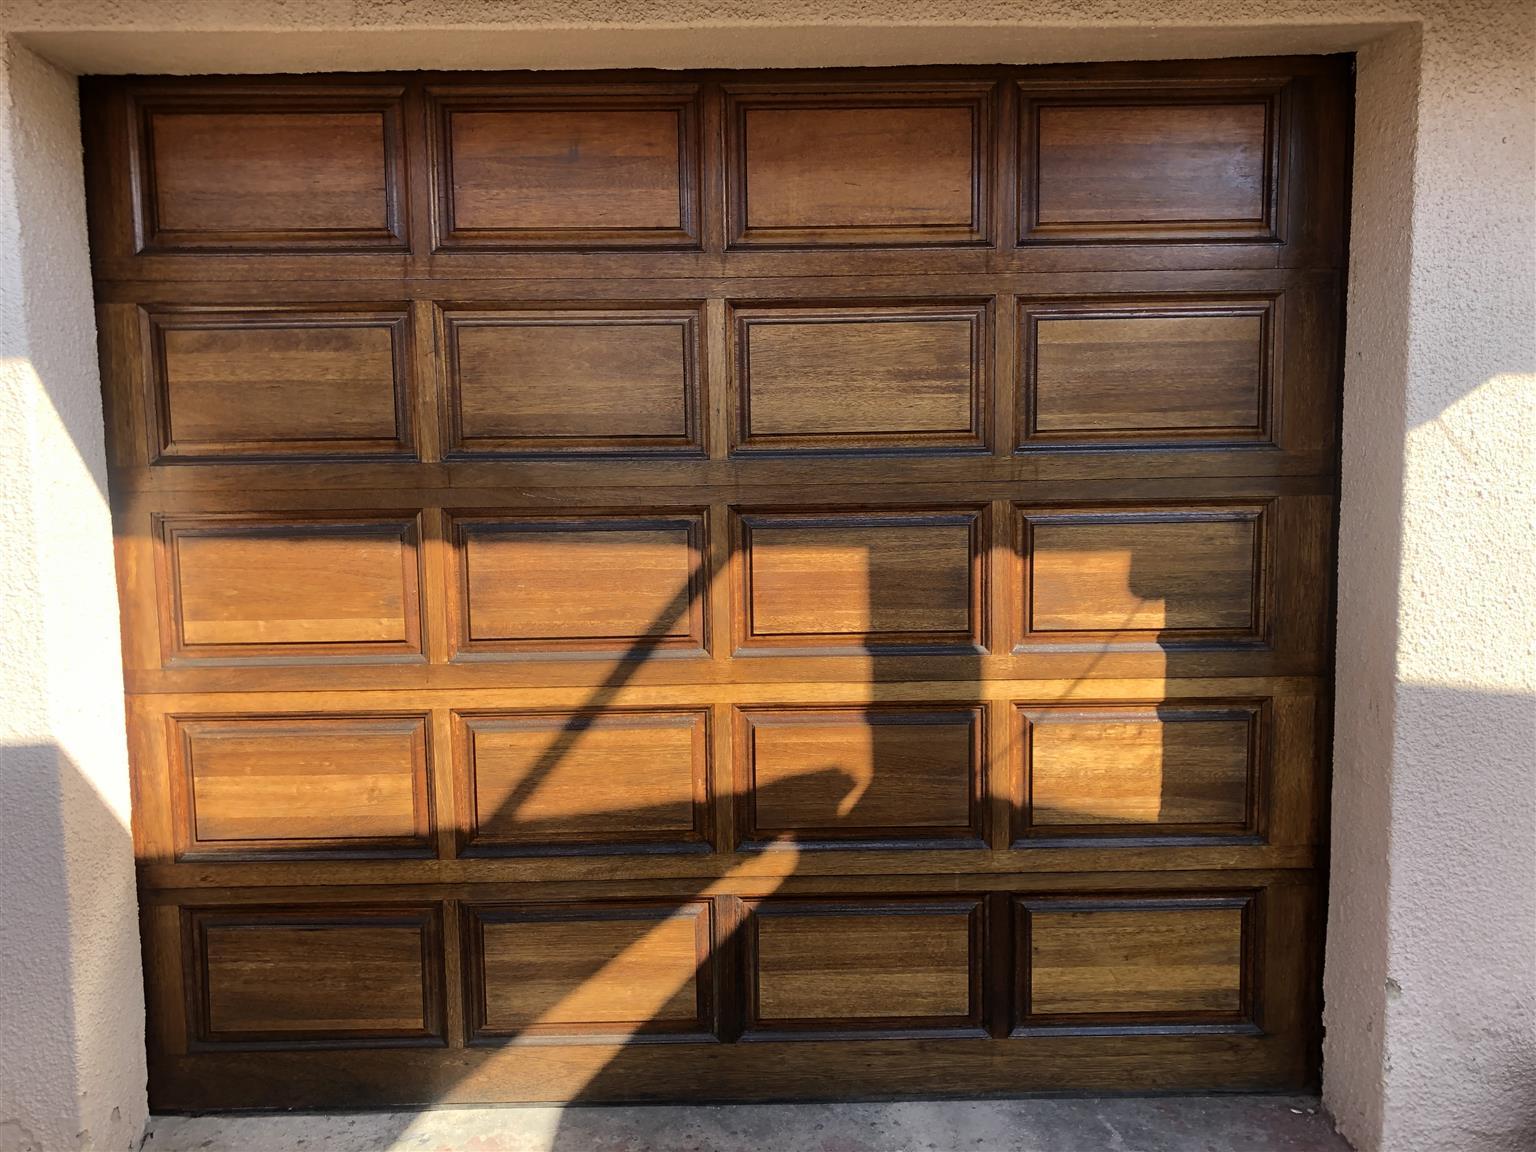 20 Panel Wooden Single Garage Door